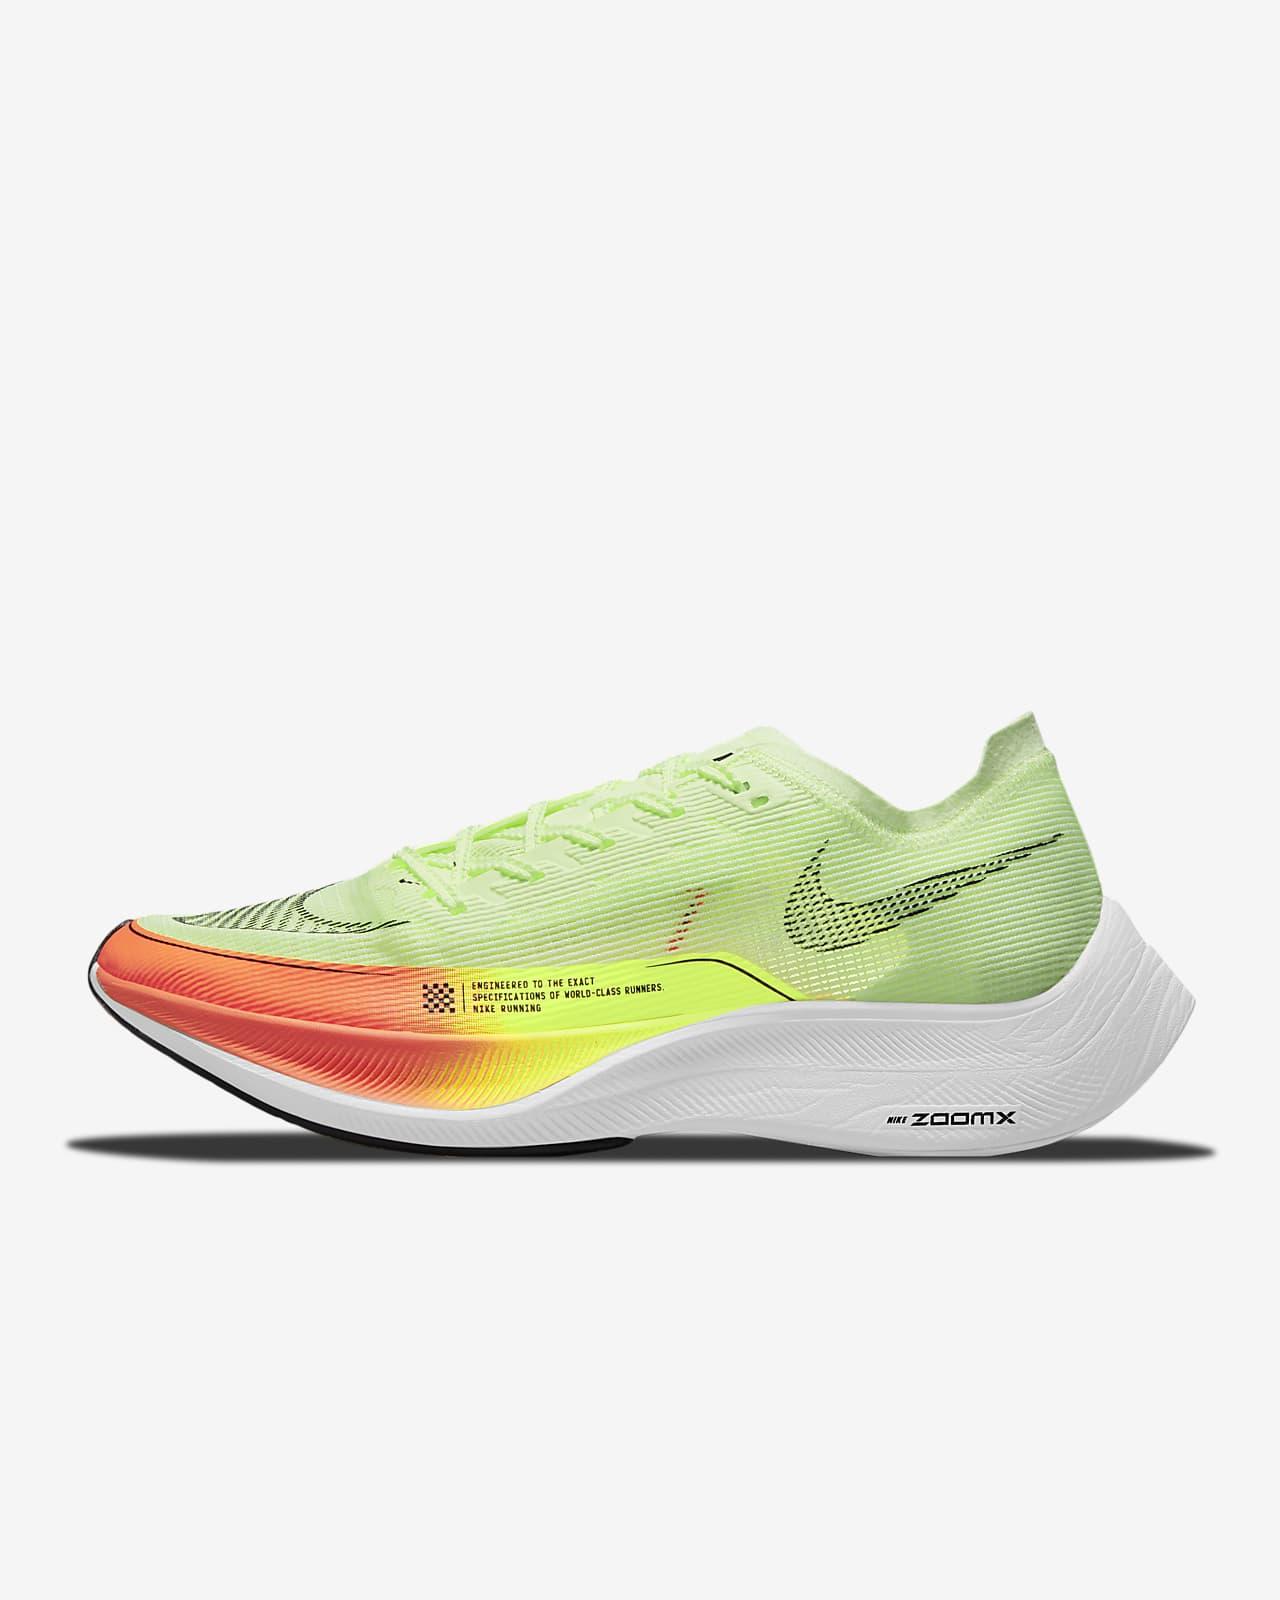 Calzado de carrera de carretera para hombre Nike ZoomX Vaporfly Next% 2